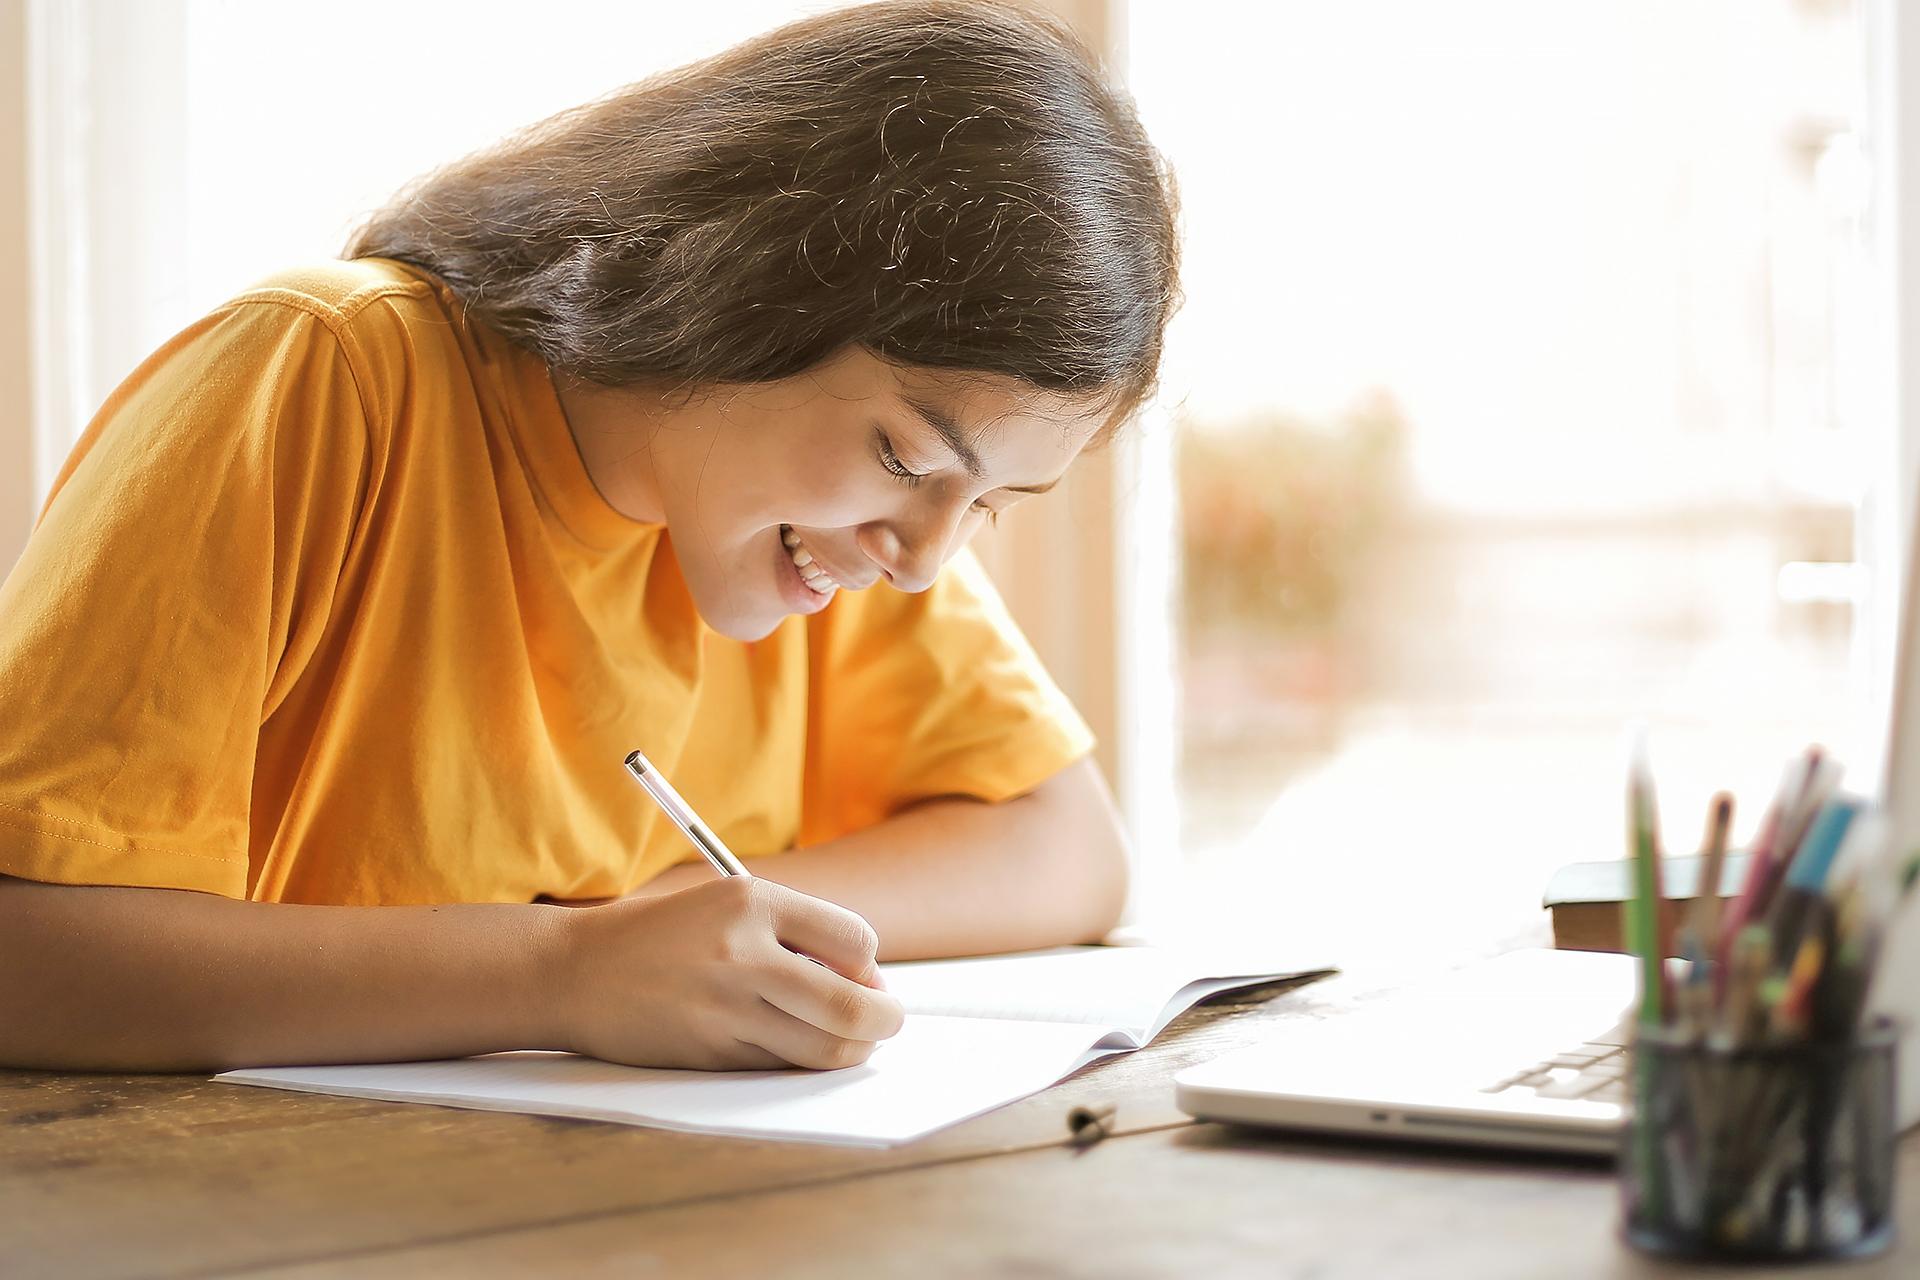 Schülerin schreibt in ihrem Heft